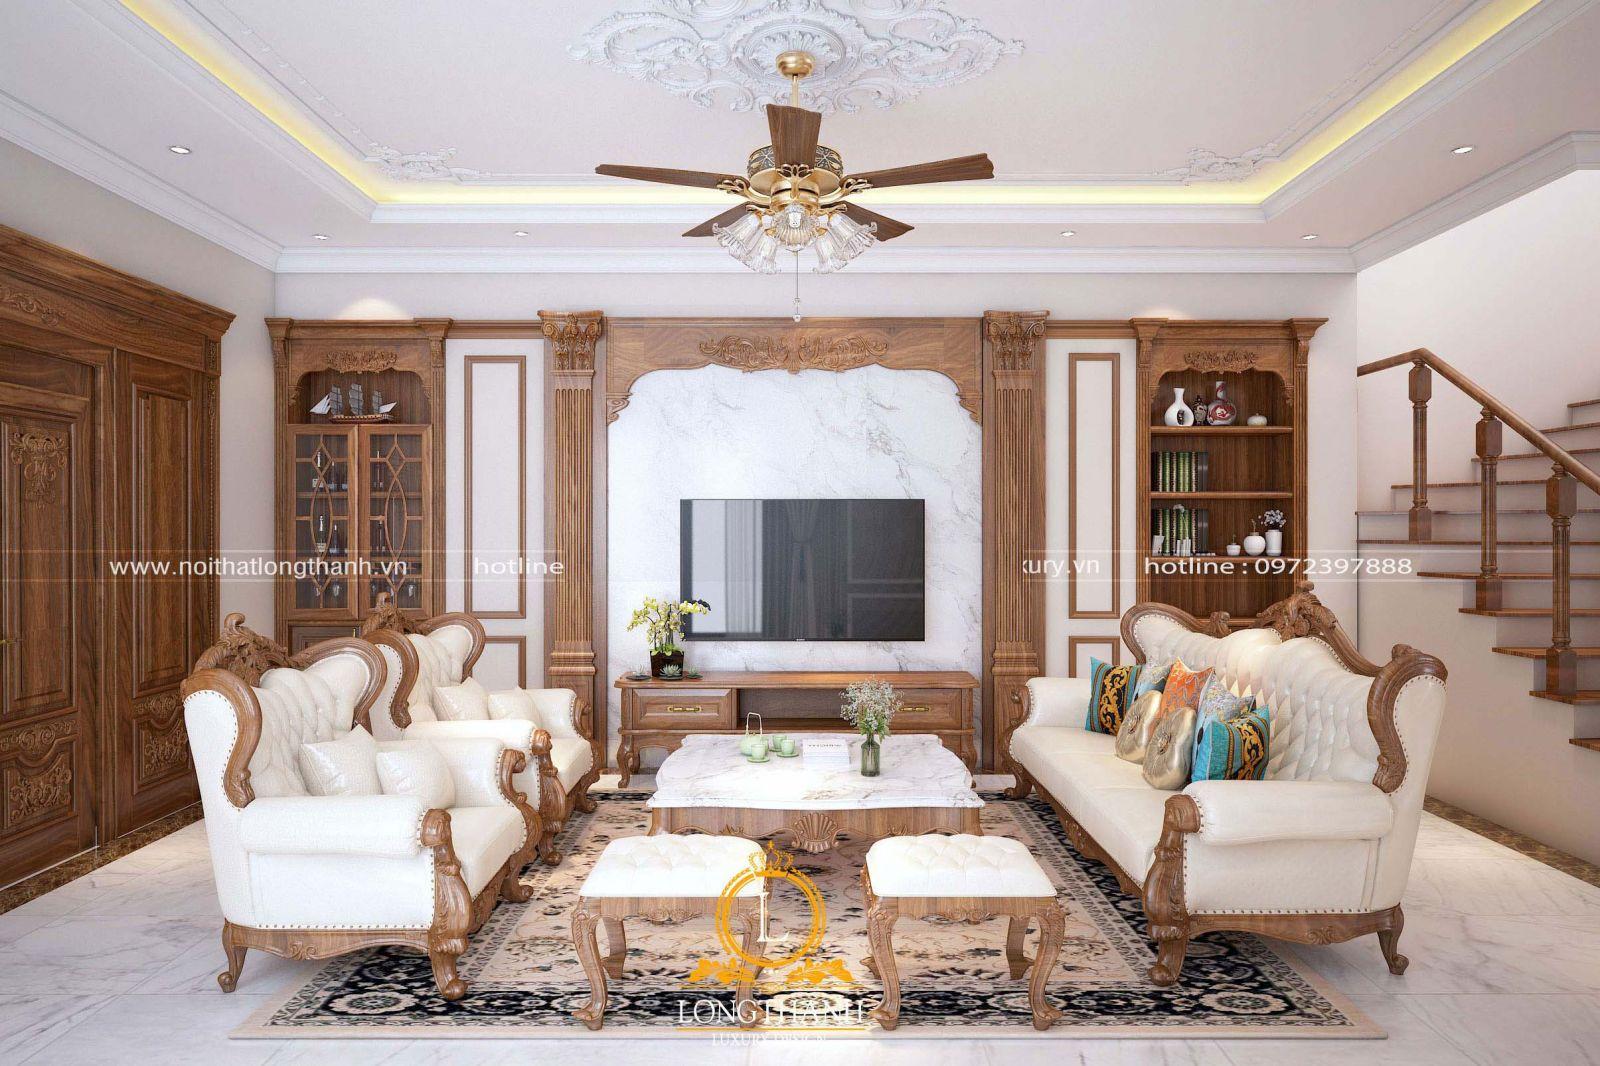 Phòng khách tân cổ điển đẹp kết hợp thảm trải sàn